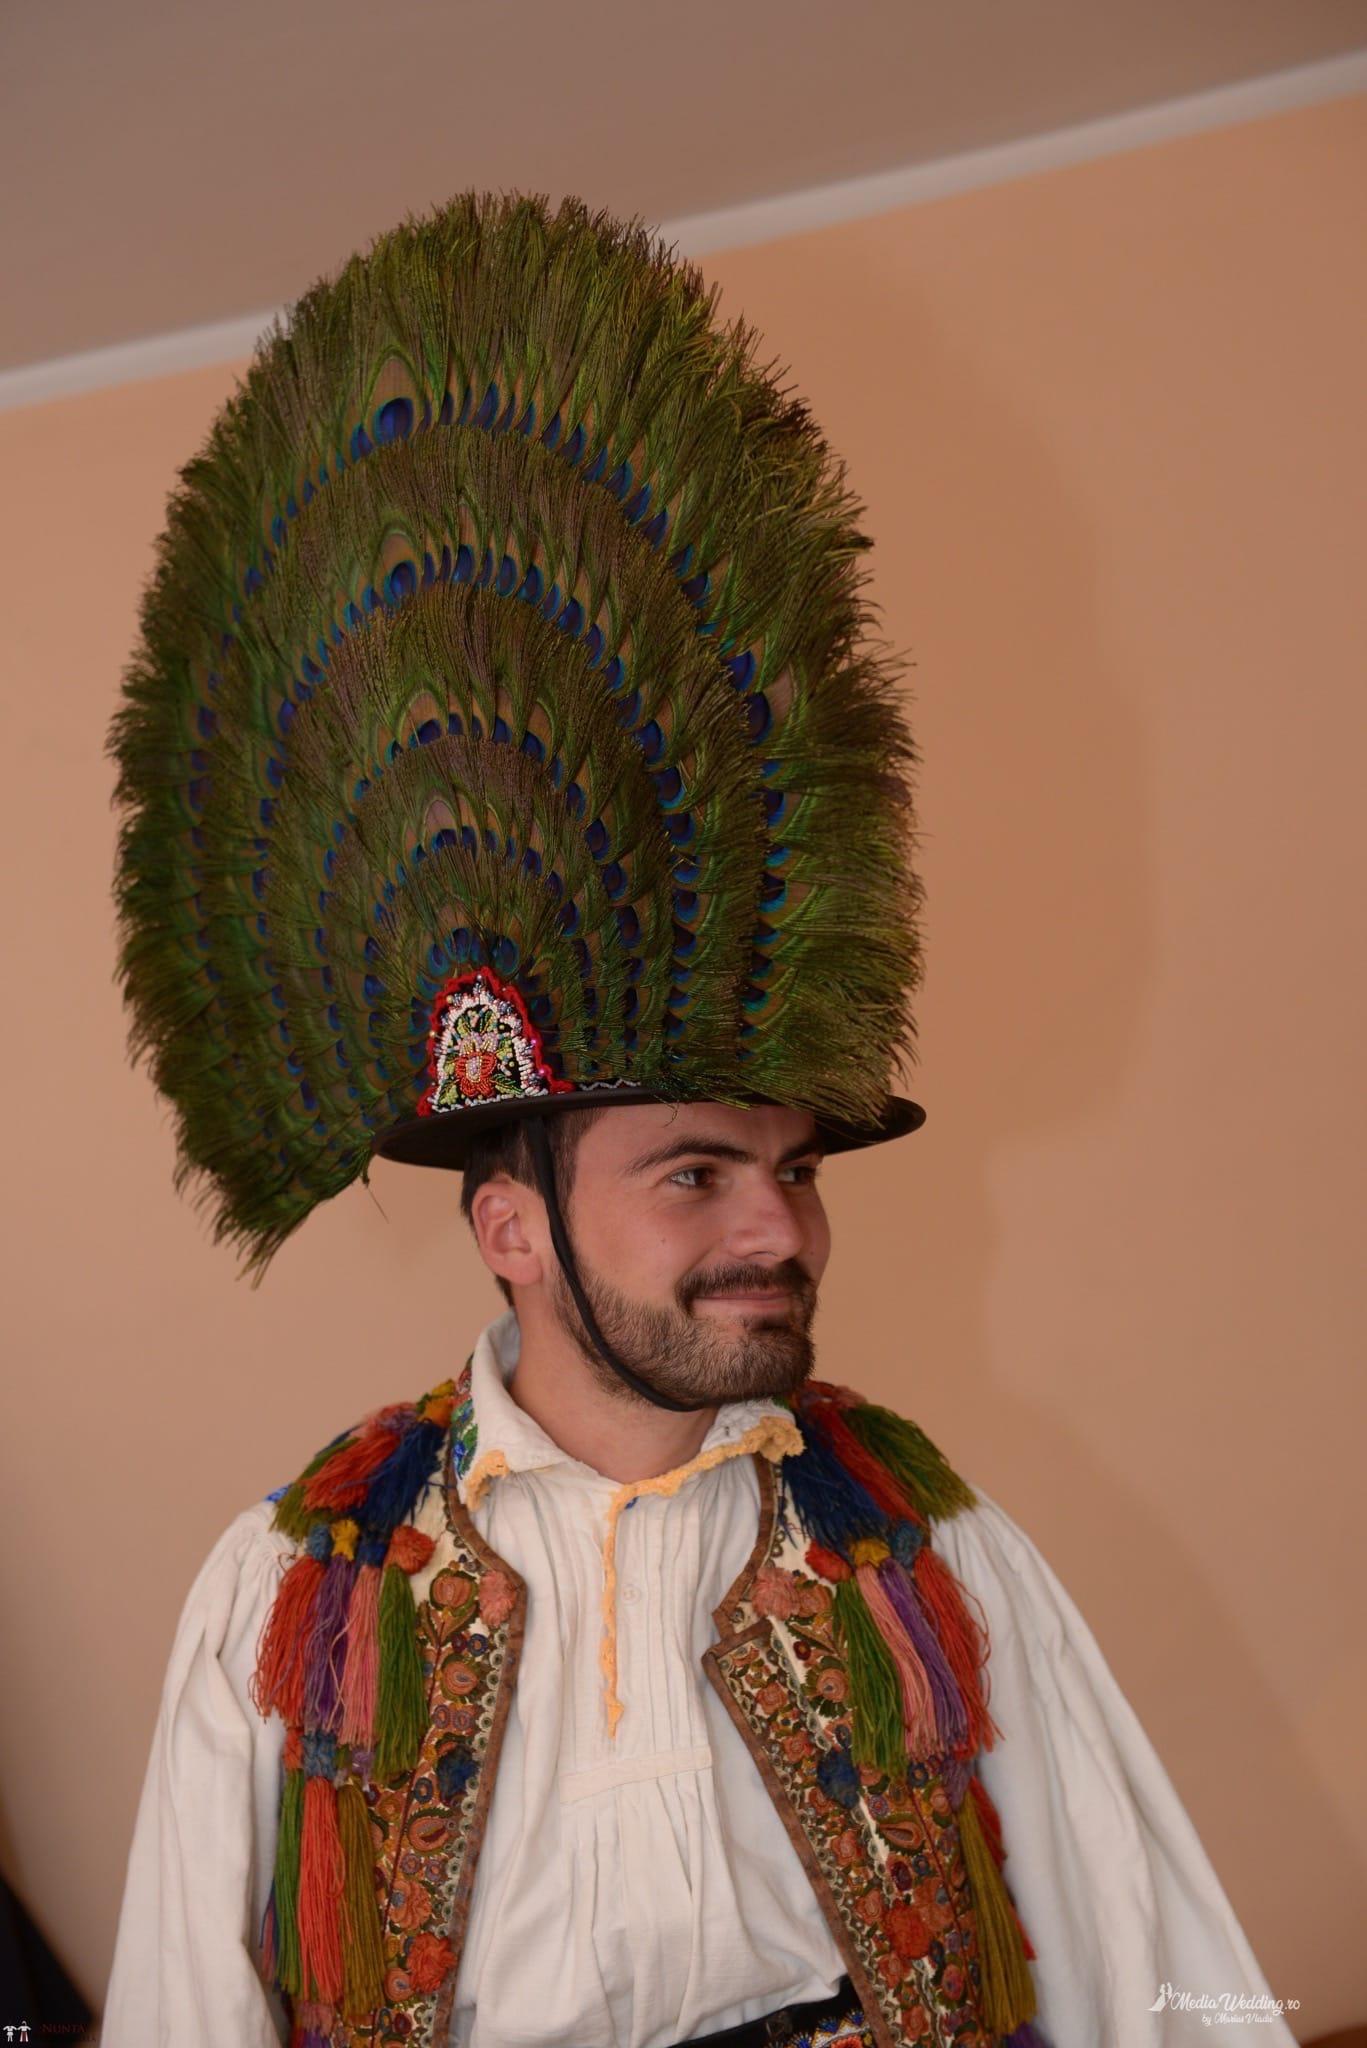 Povești Nunți Tradiționale - Alina-Maria și Ilie, nuntă tradițională în București 5